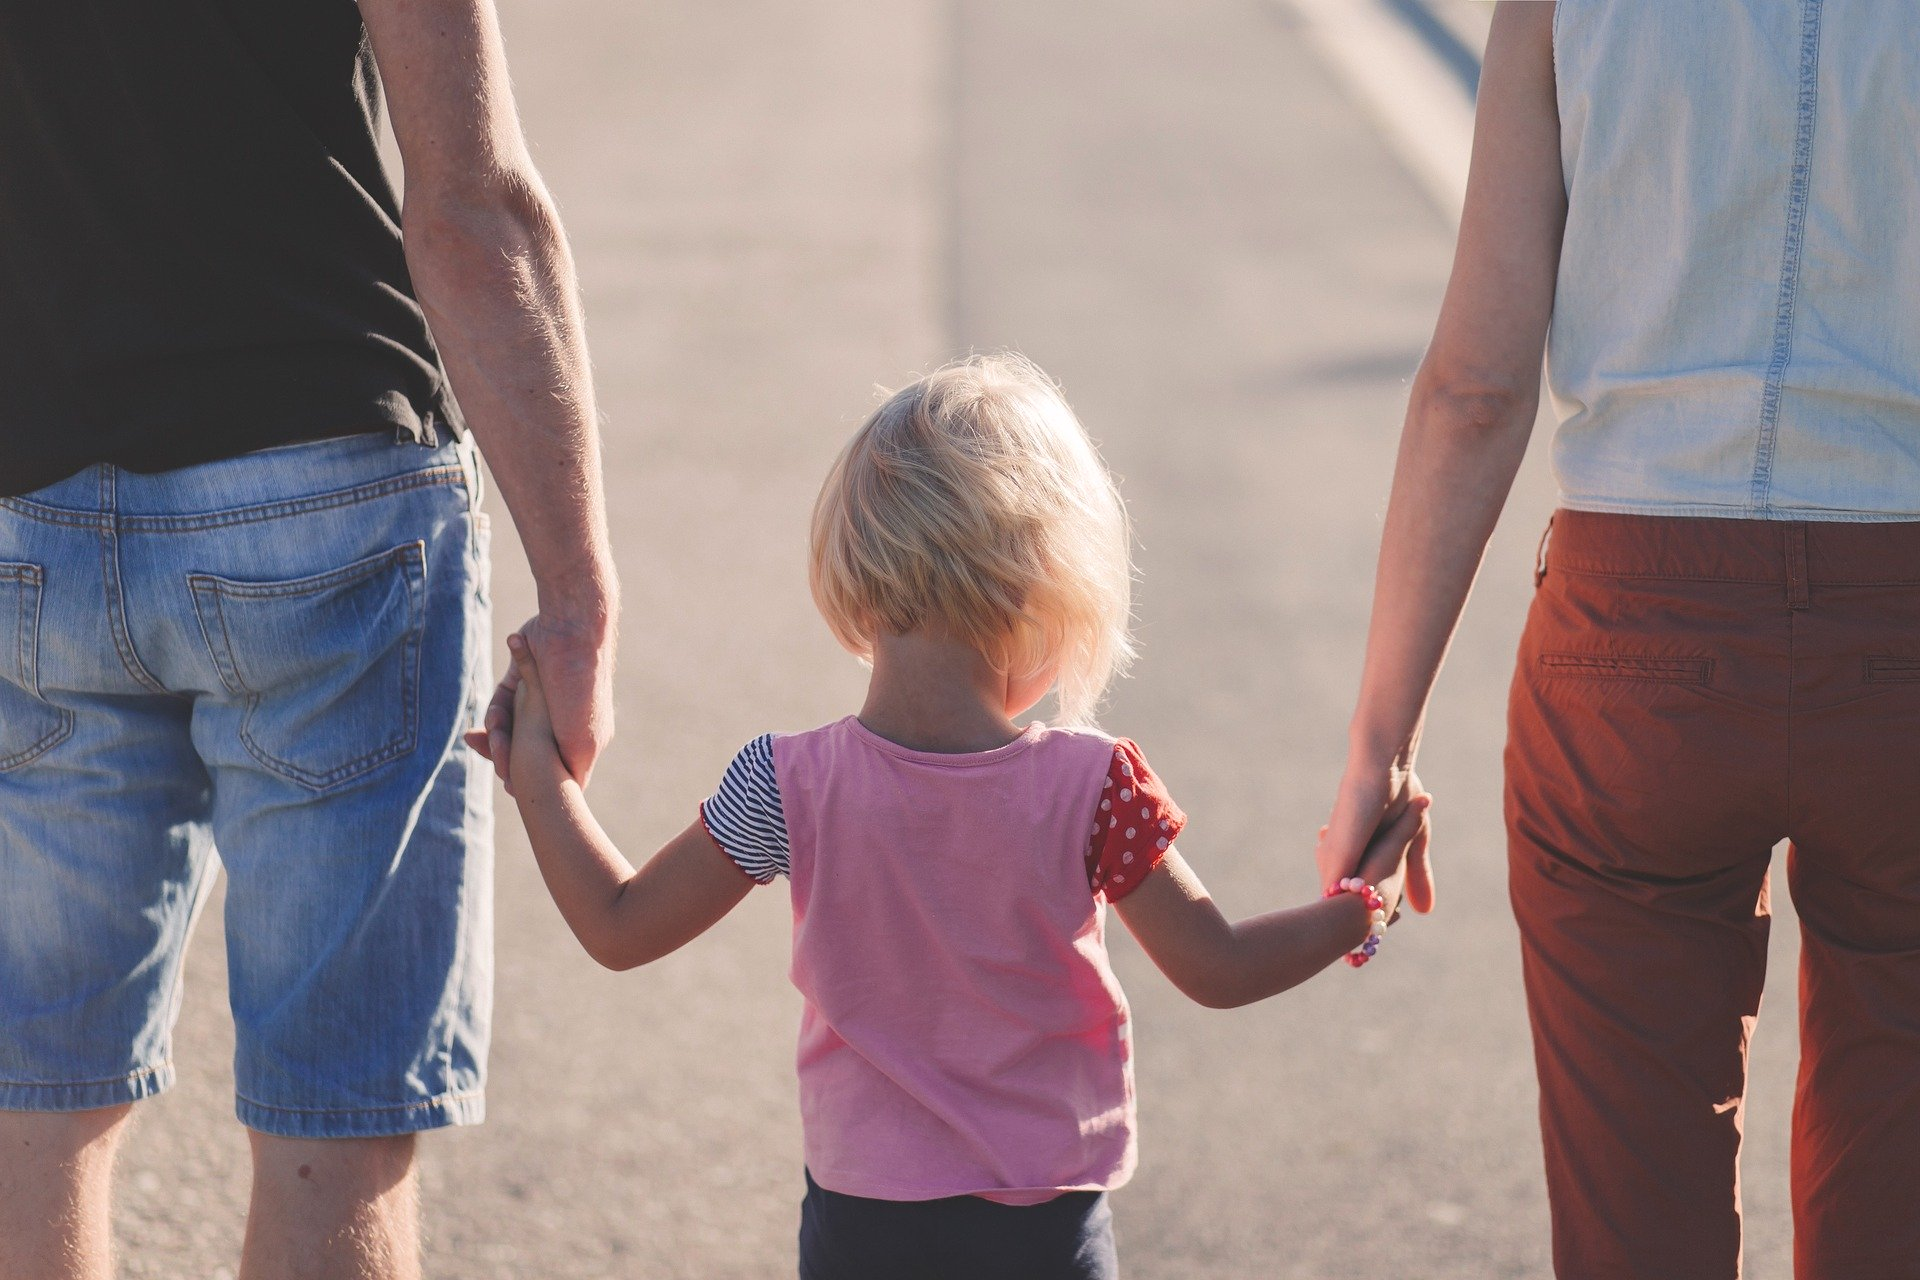 Agevolazioni economiche per famiglie e singoli cittadini: la guida per il mese di novembre